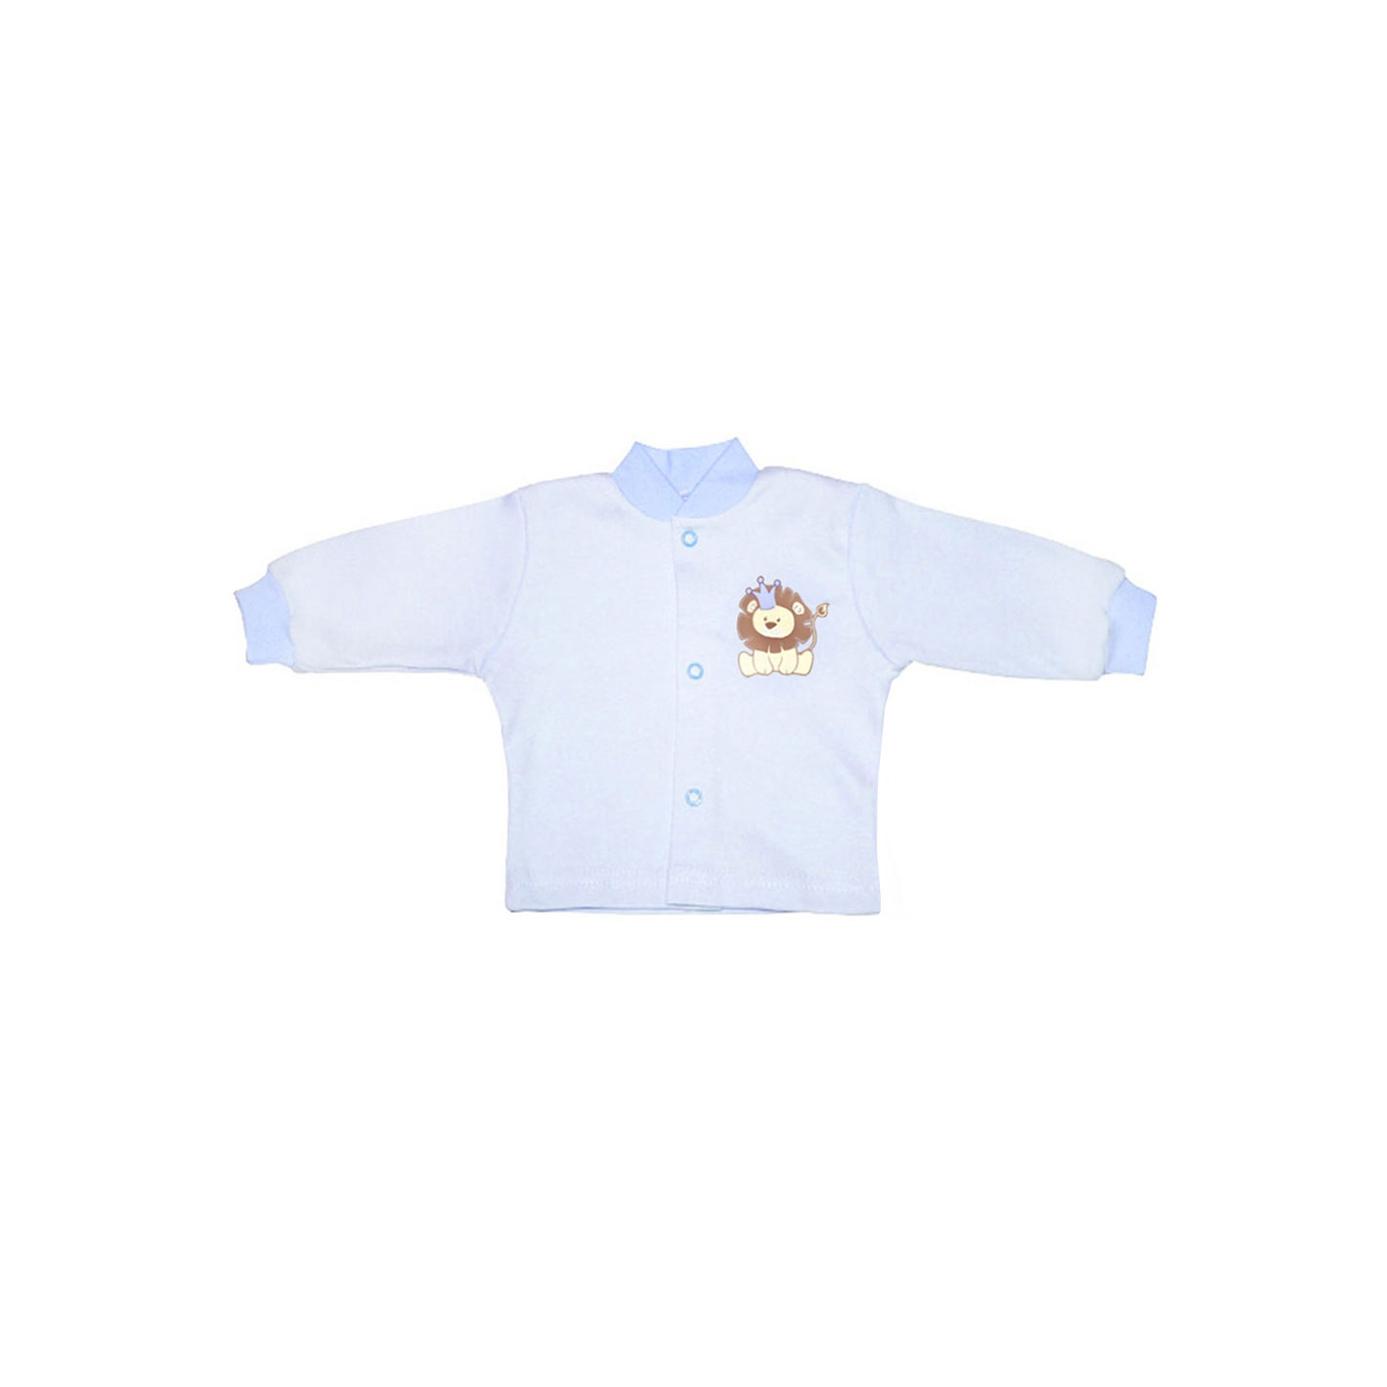 Кофточка КОТМАРКОТ для мальчика, цвет голубой 9-12 мес (размер 80)<br>